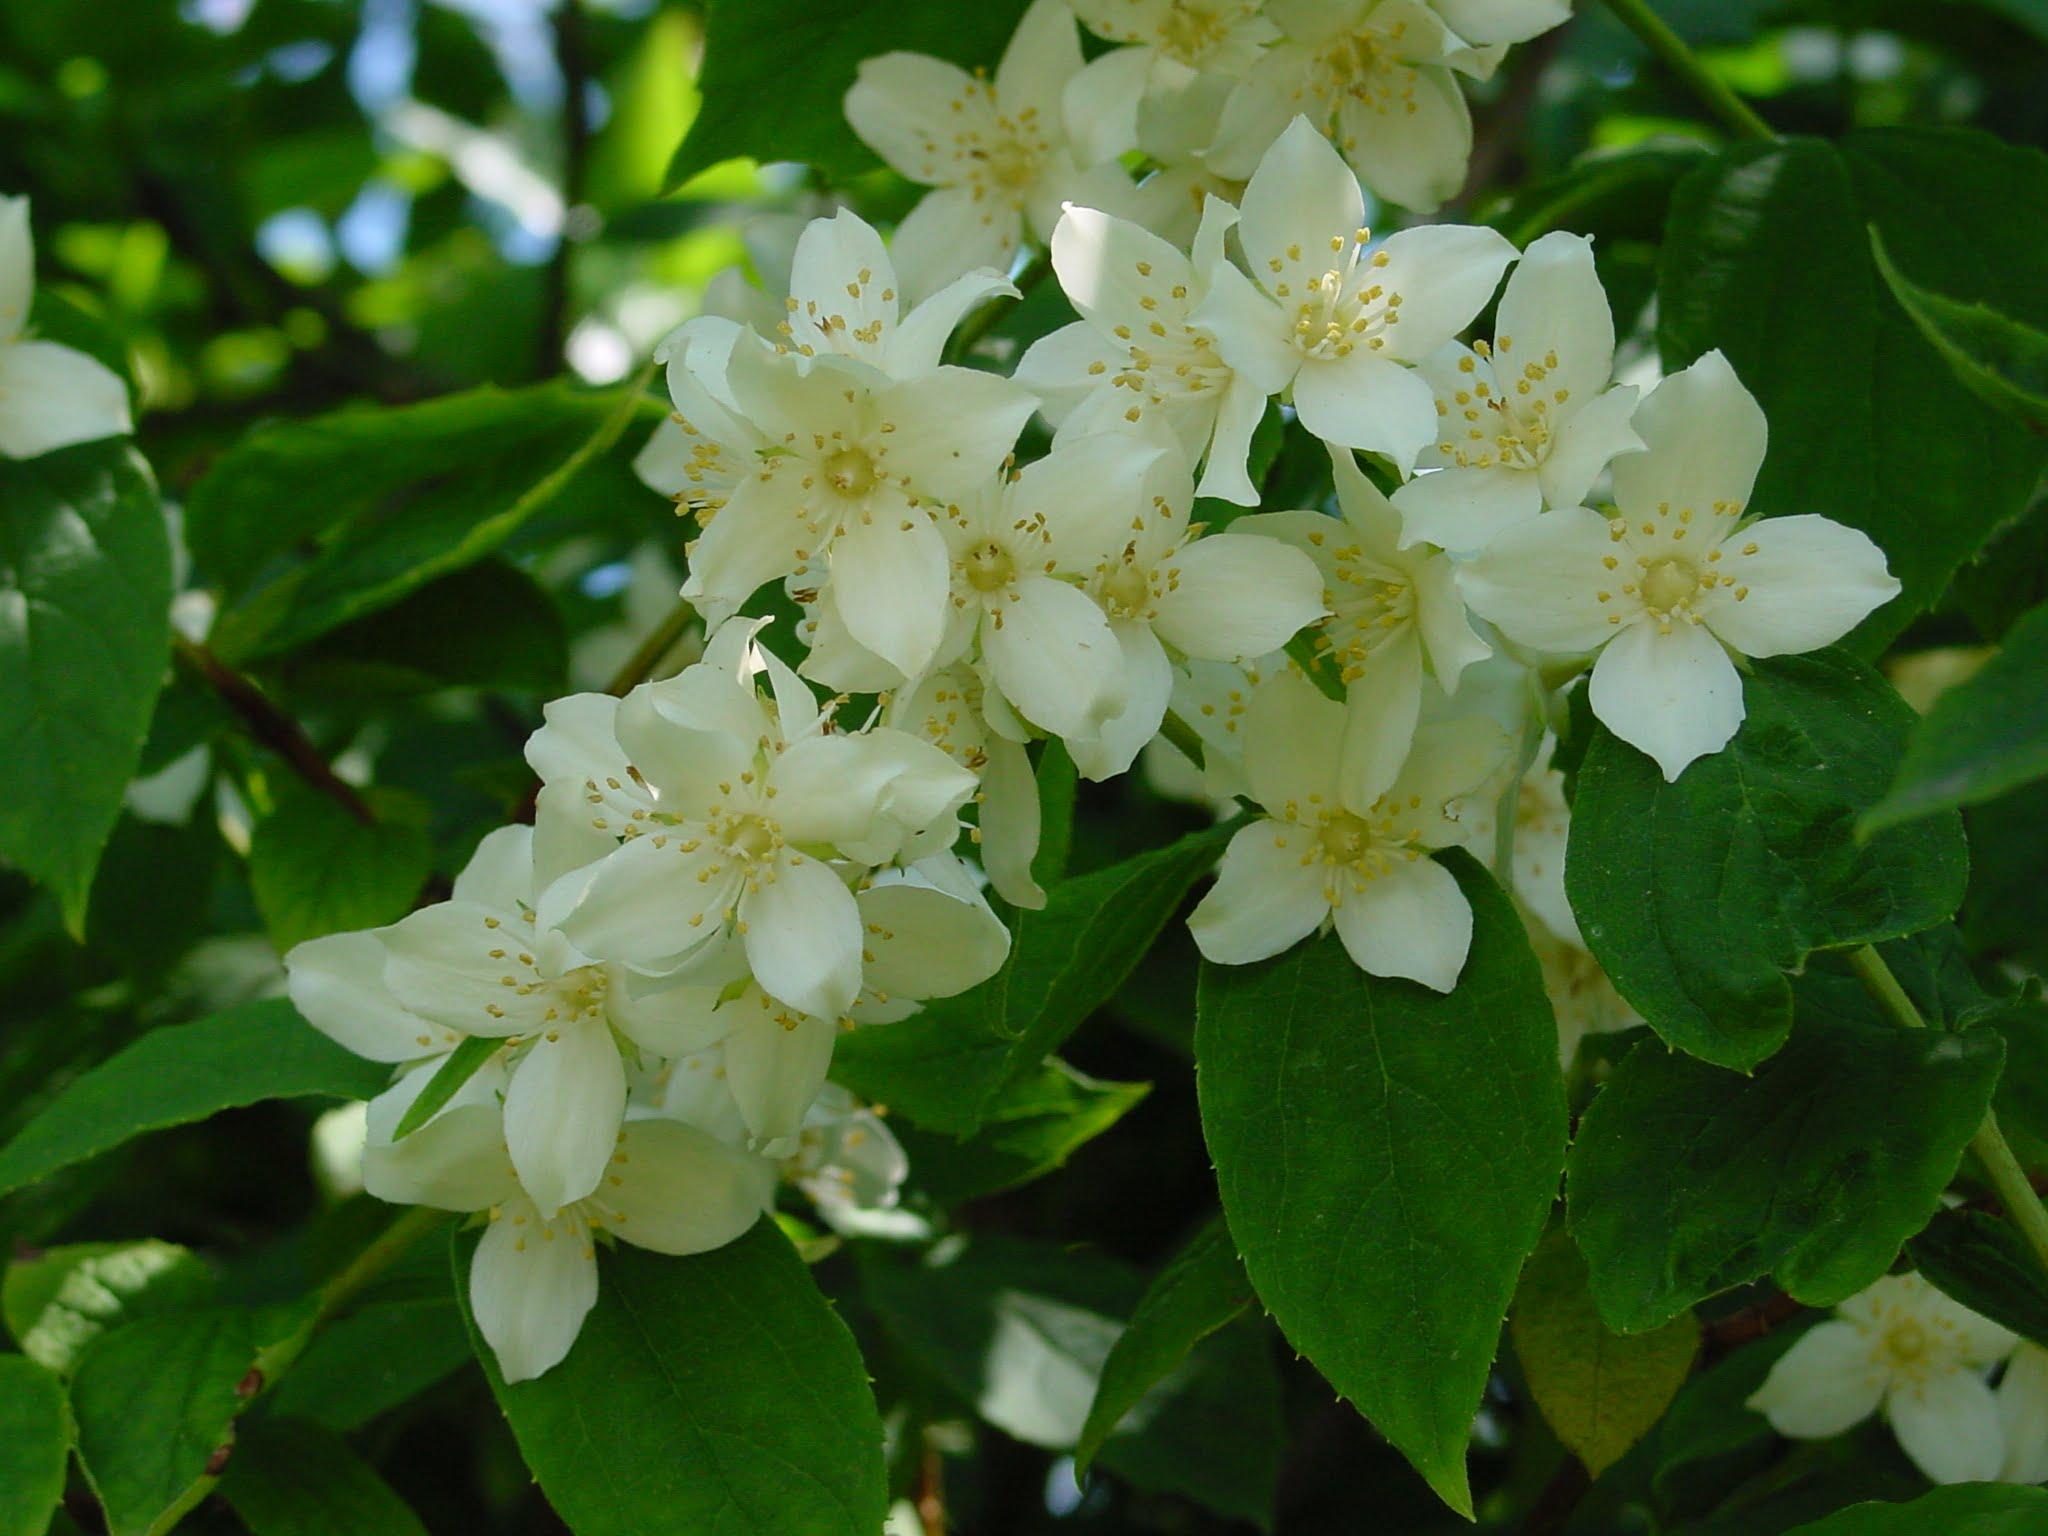 یاس - گل مناسب باغچه